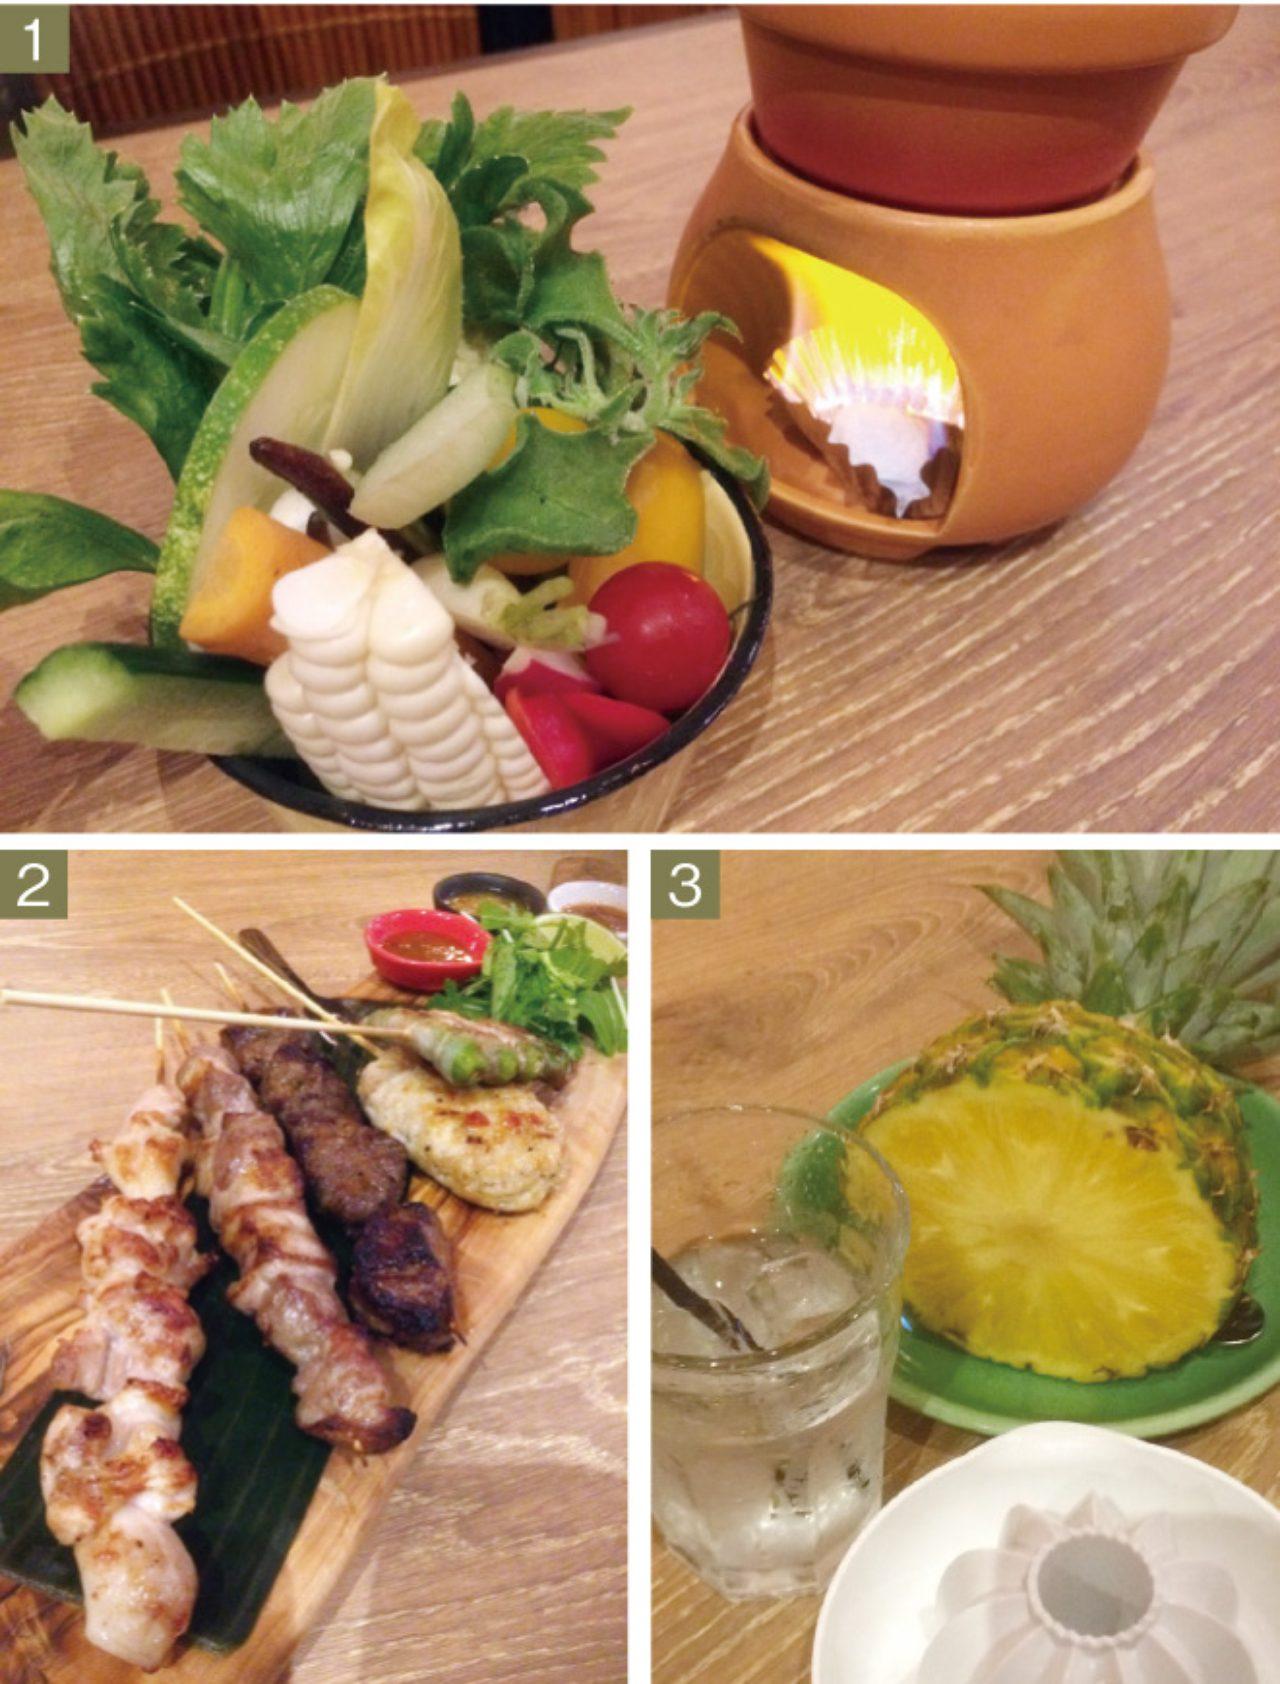 画像: 1.「NIJYU−MARU野菜市場のバーニャカウダ」580円(1人前) 2.「串焼き5種の盛り合わせ」1280円 3.「生絞りパイナップルサワー」700円